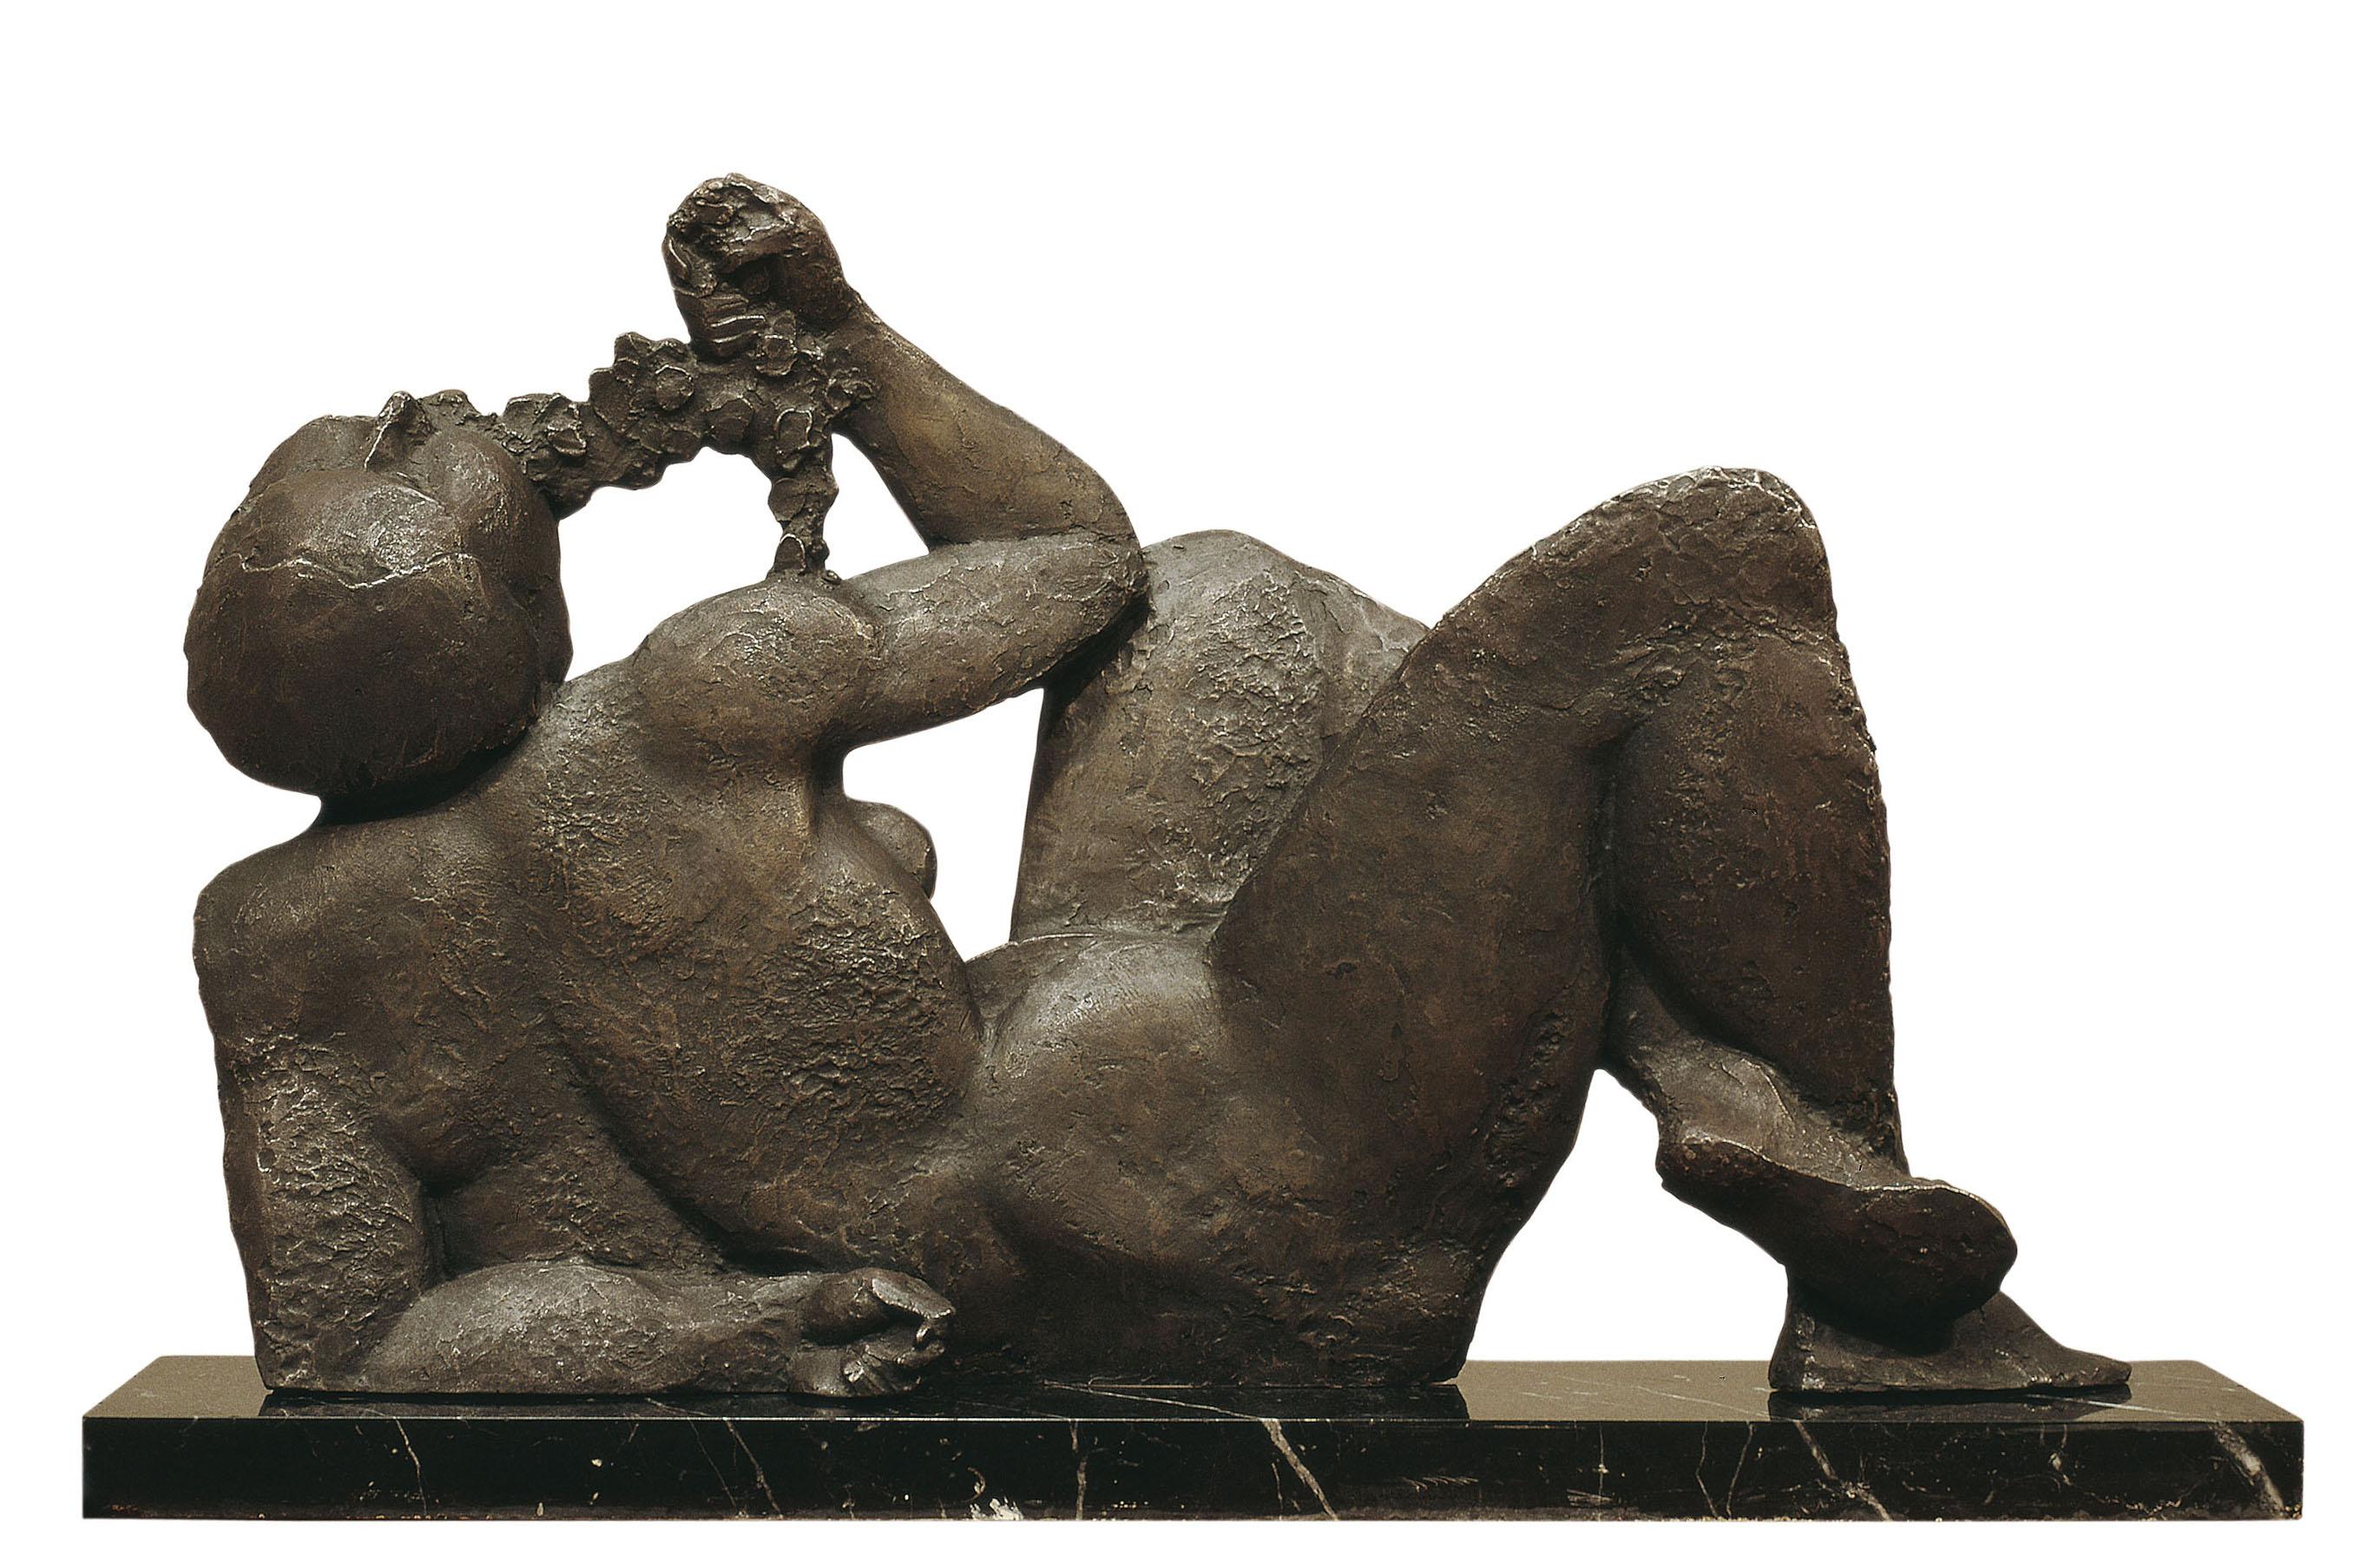 Manolo Hugué - La bacant - Caldes de Montbui, 1934